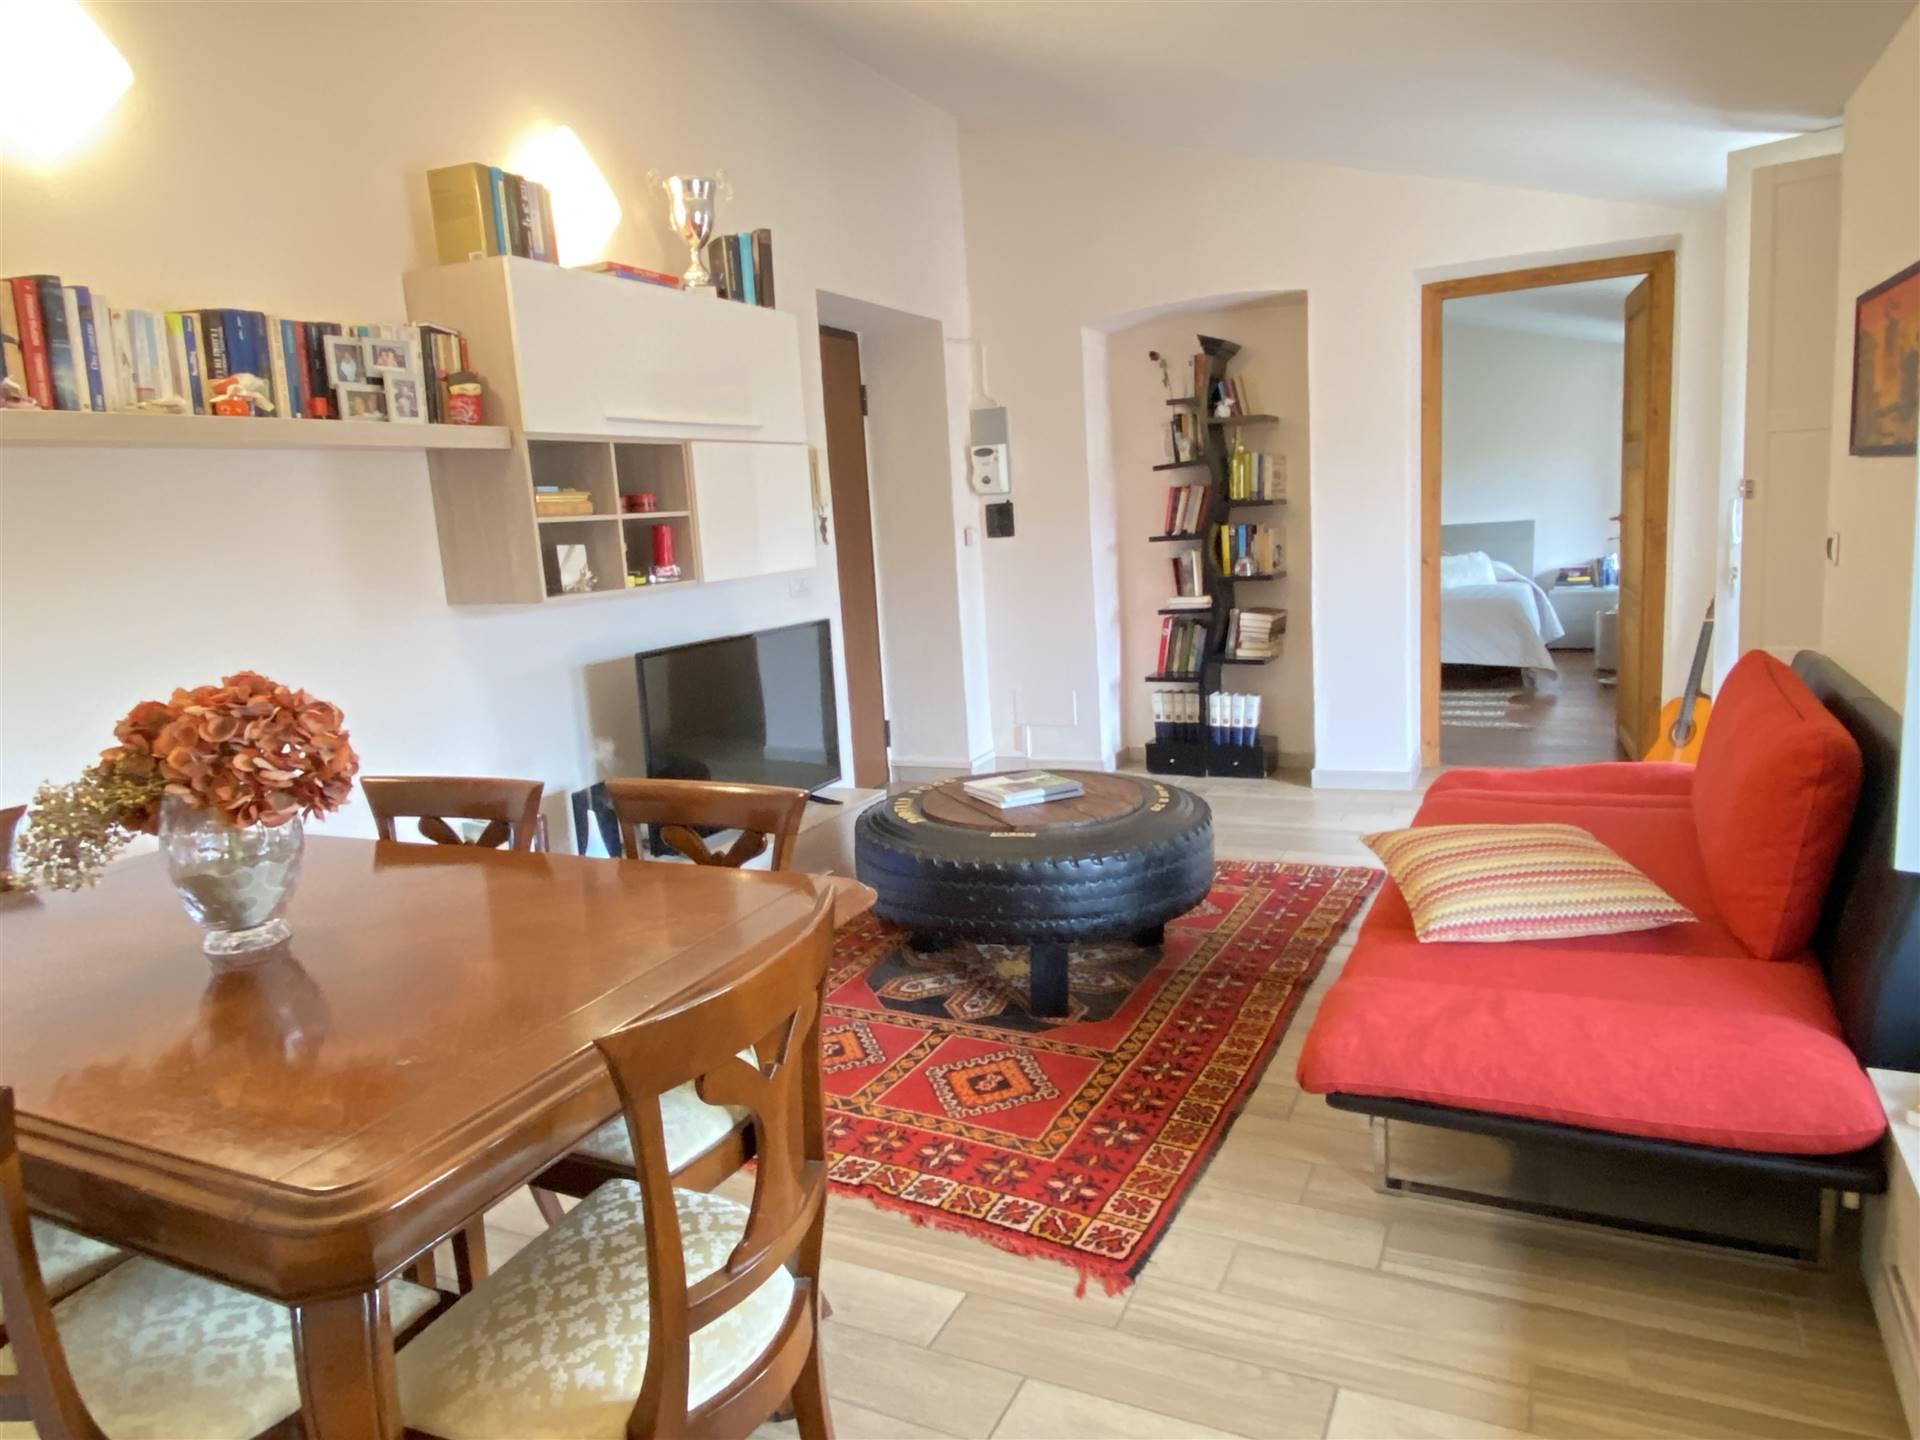 Appartamento in vendita a Ivrea, 2 locali, zona Località: IVREA, prezzo € 112.500 | PortaleAgenzieImmobiliari.it